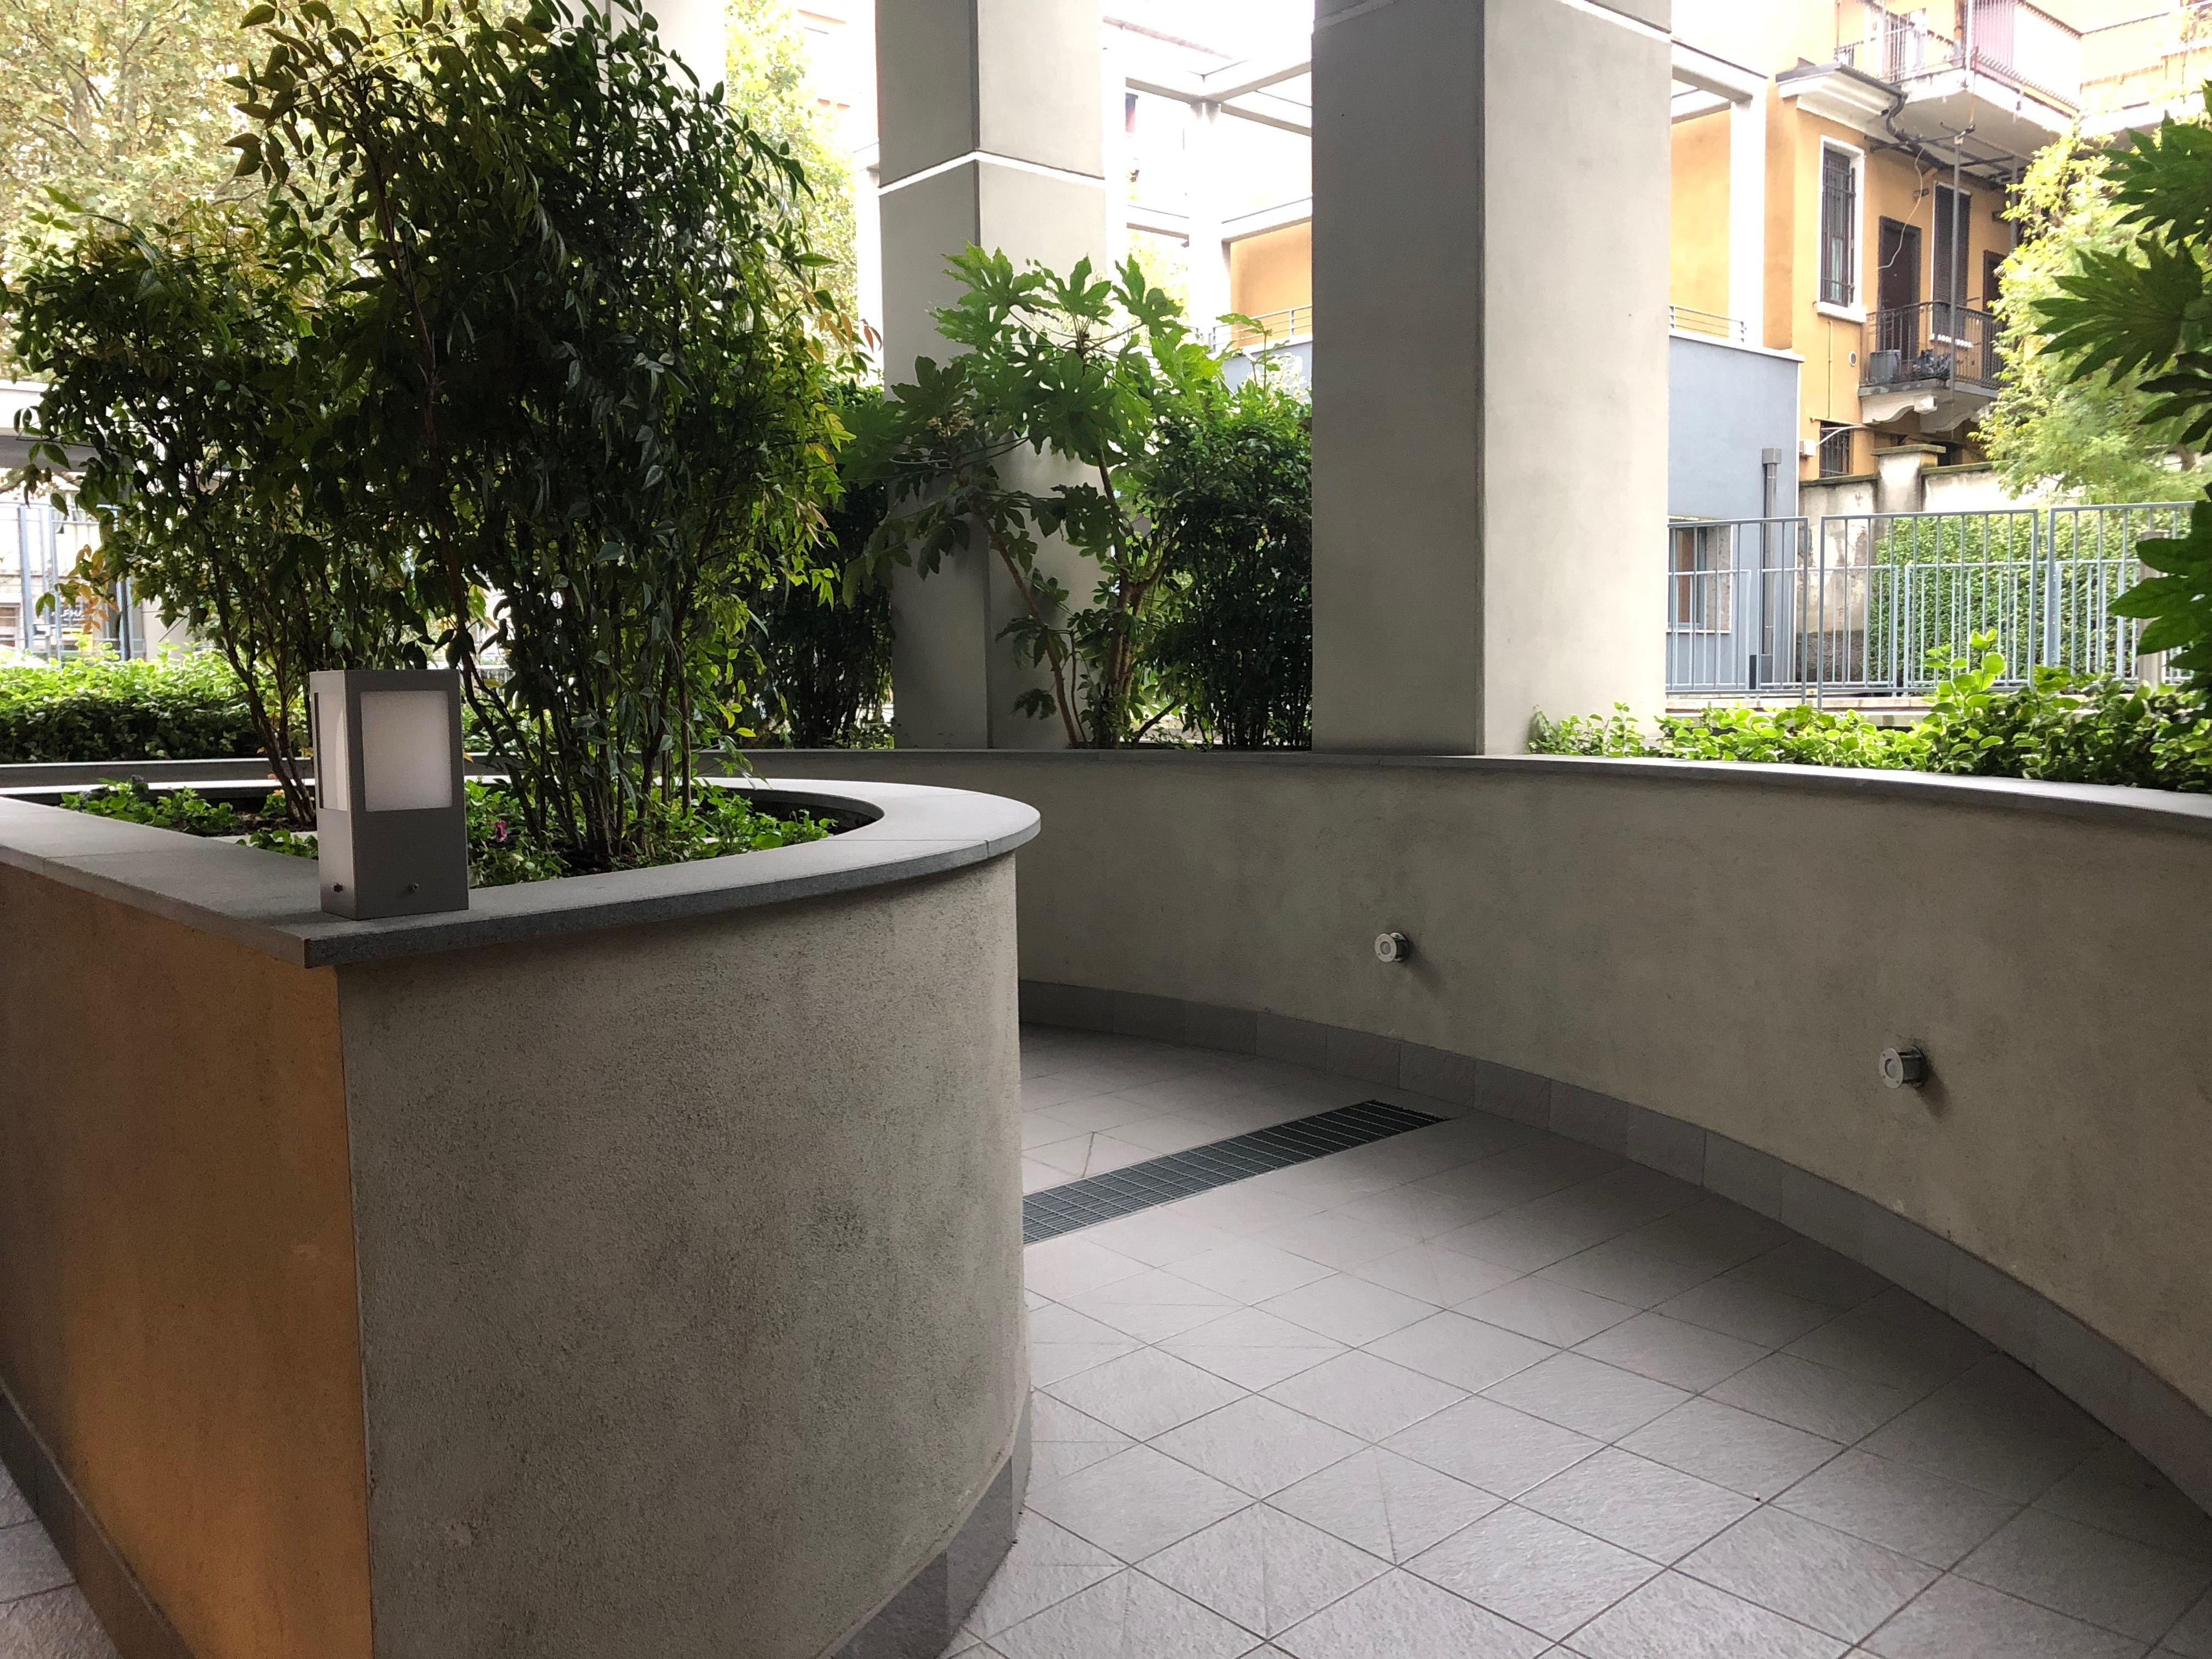 Casa 60 Mq Pianta la pianta grassa, (p.romana-bocconi, vicino duomo